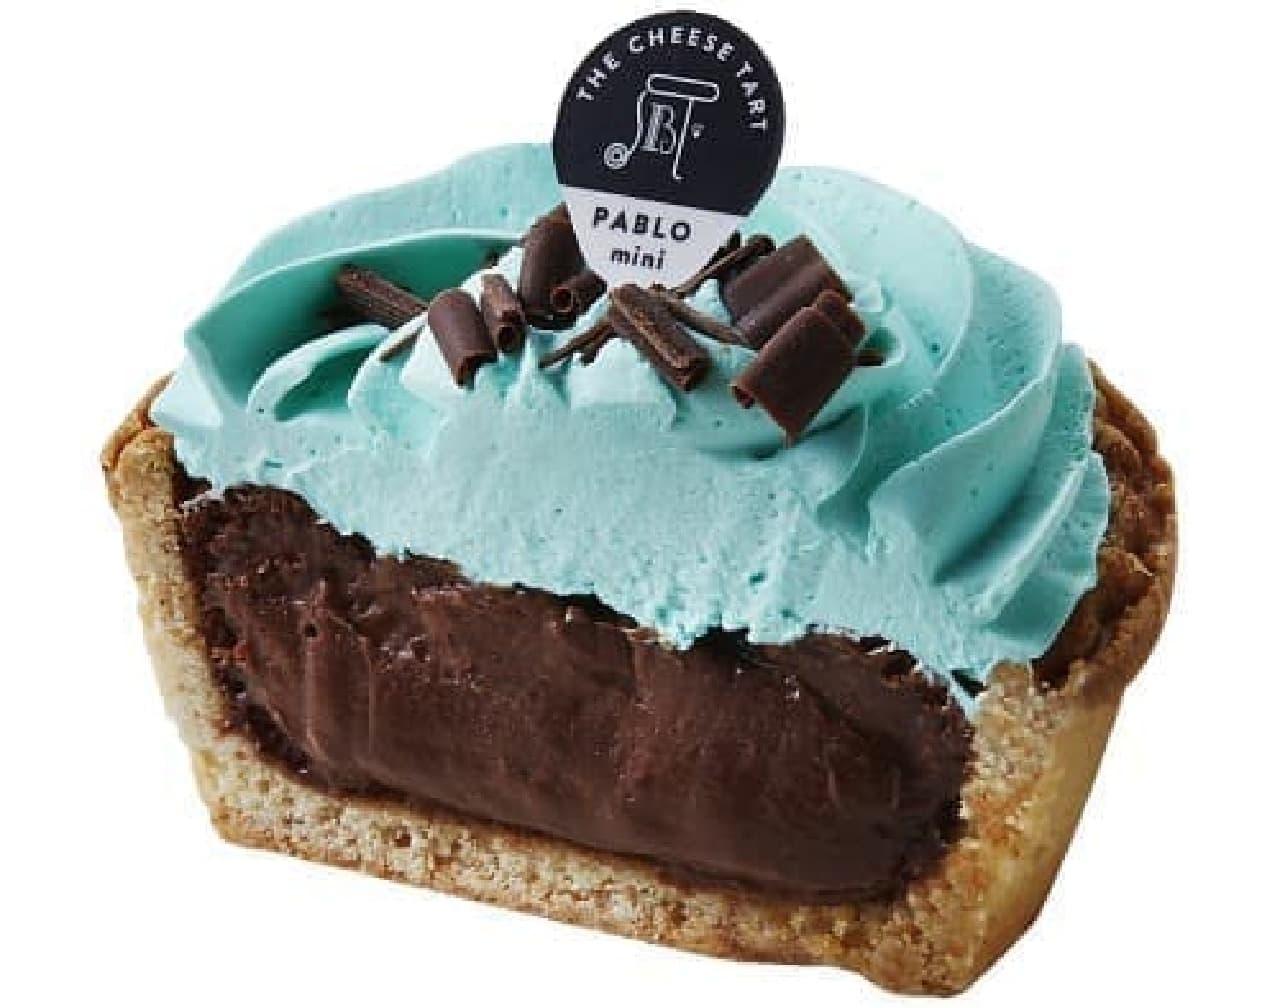 焼きたてチーズタルト専門店PABLO mini「PABLOmini-チョコミント」